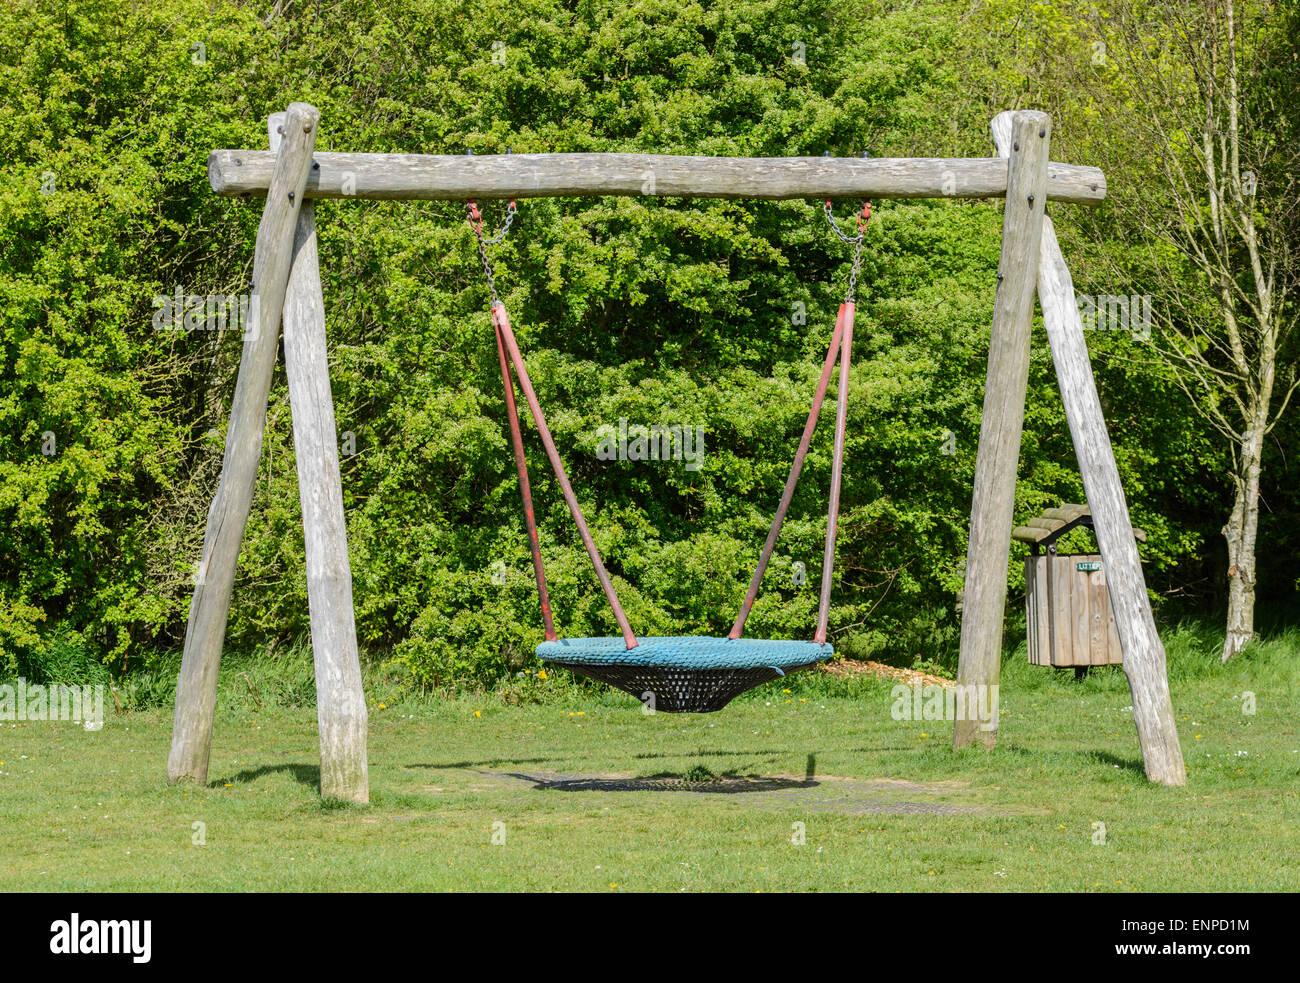 Swing moderne avec un cadre en bois dans un parc. Banque D'Images